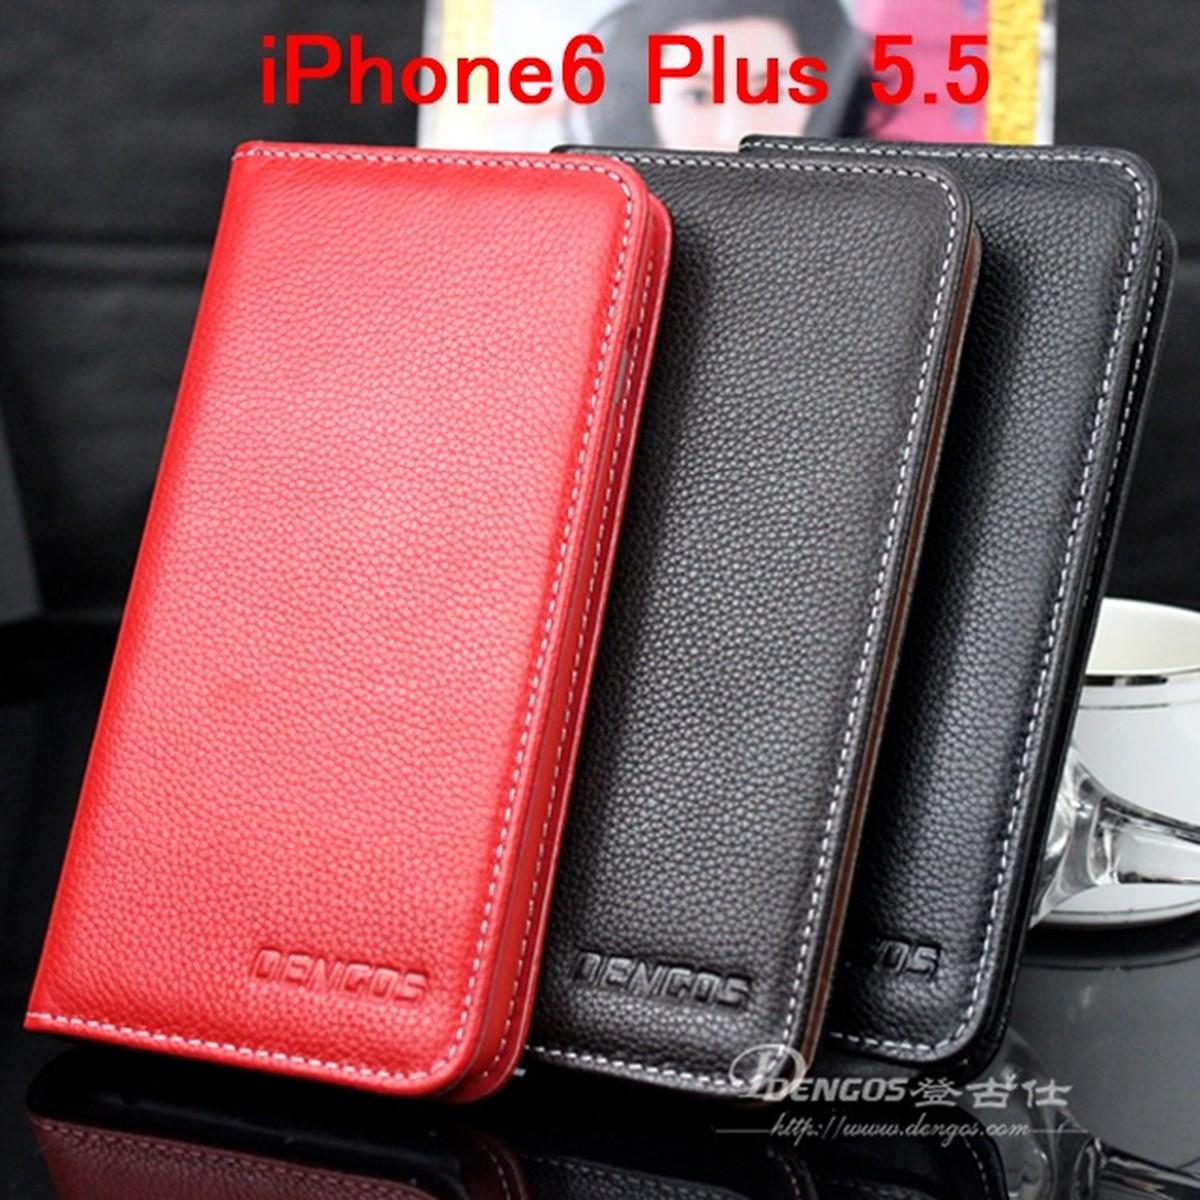 超人気 ゆうパケット メール便 送料200円 iPhone6 送料無料限定セール中 Plus iPhone6s 5.5インチ 高級本革 濃い茶 黒色 カバー 牛革 赤色 本革ケース スマートフォンケース